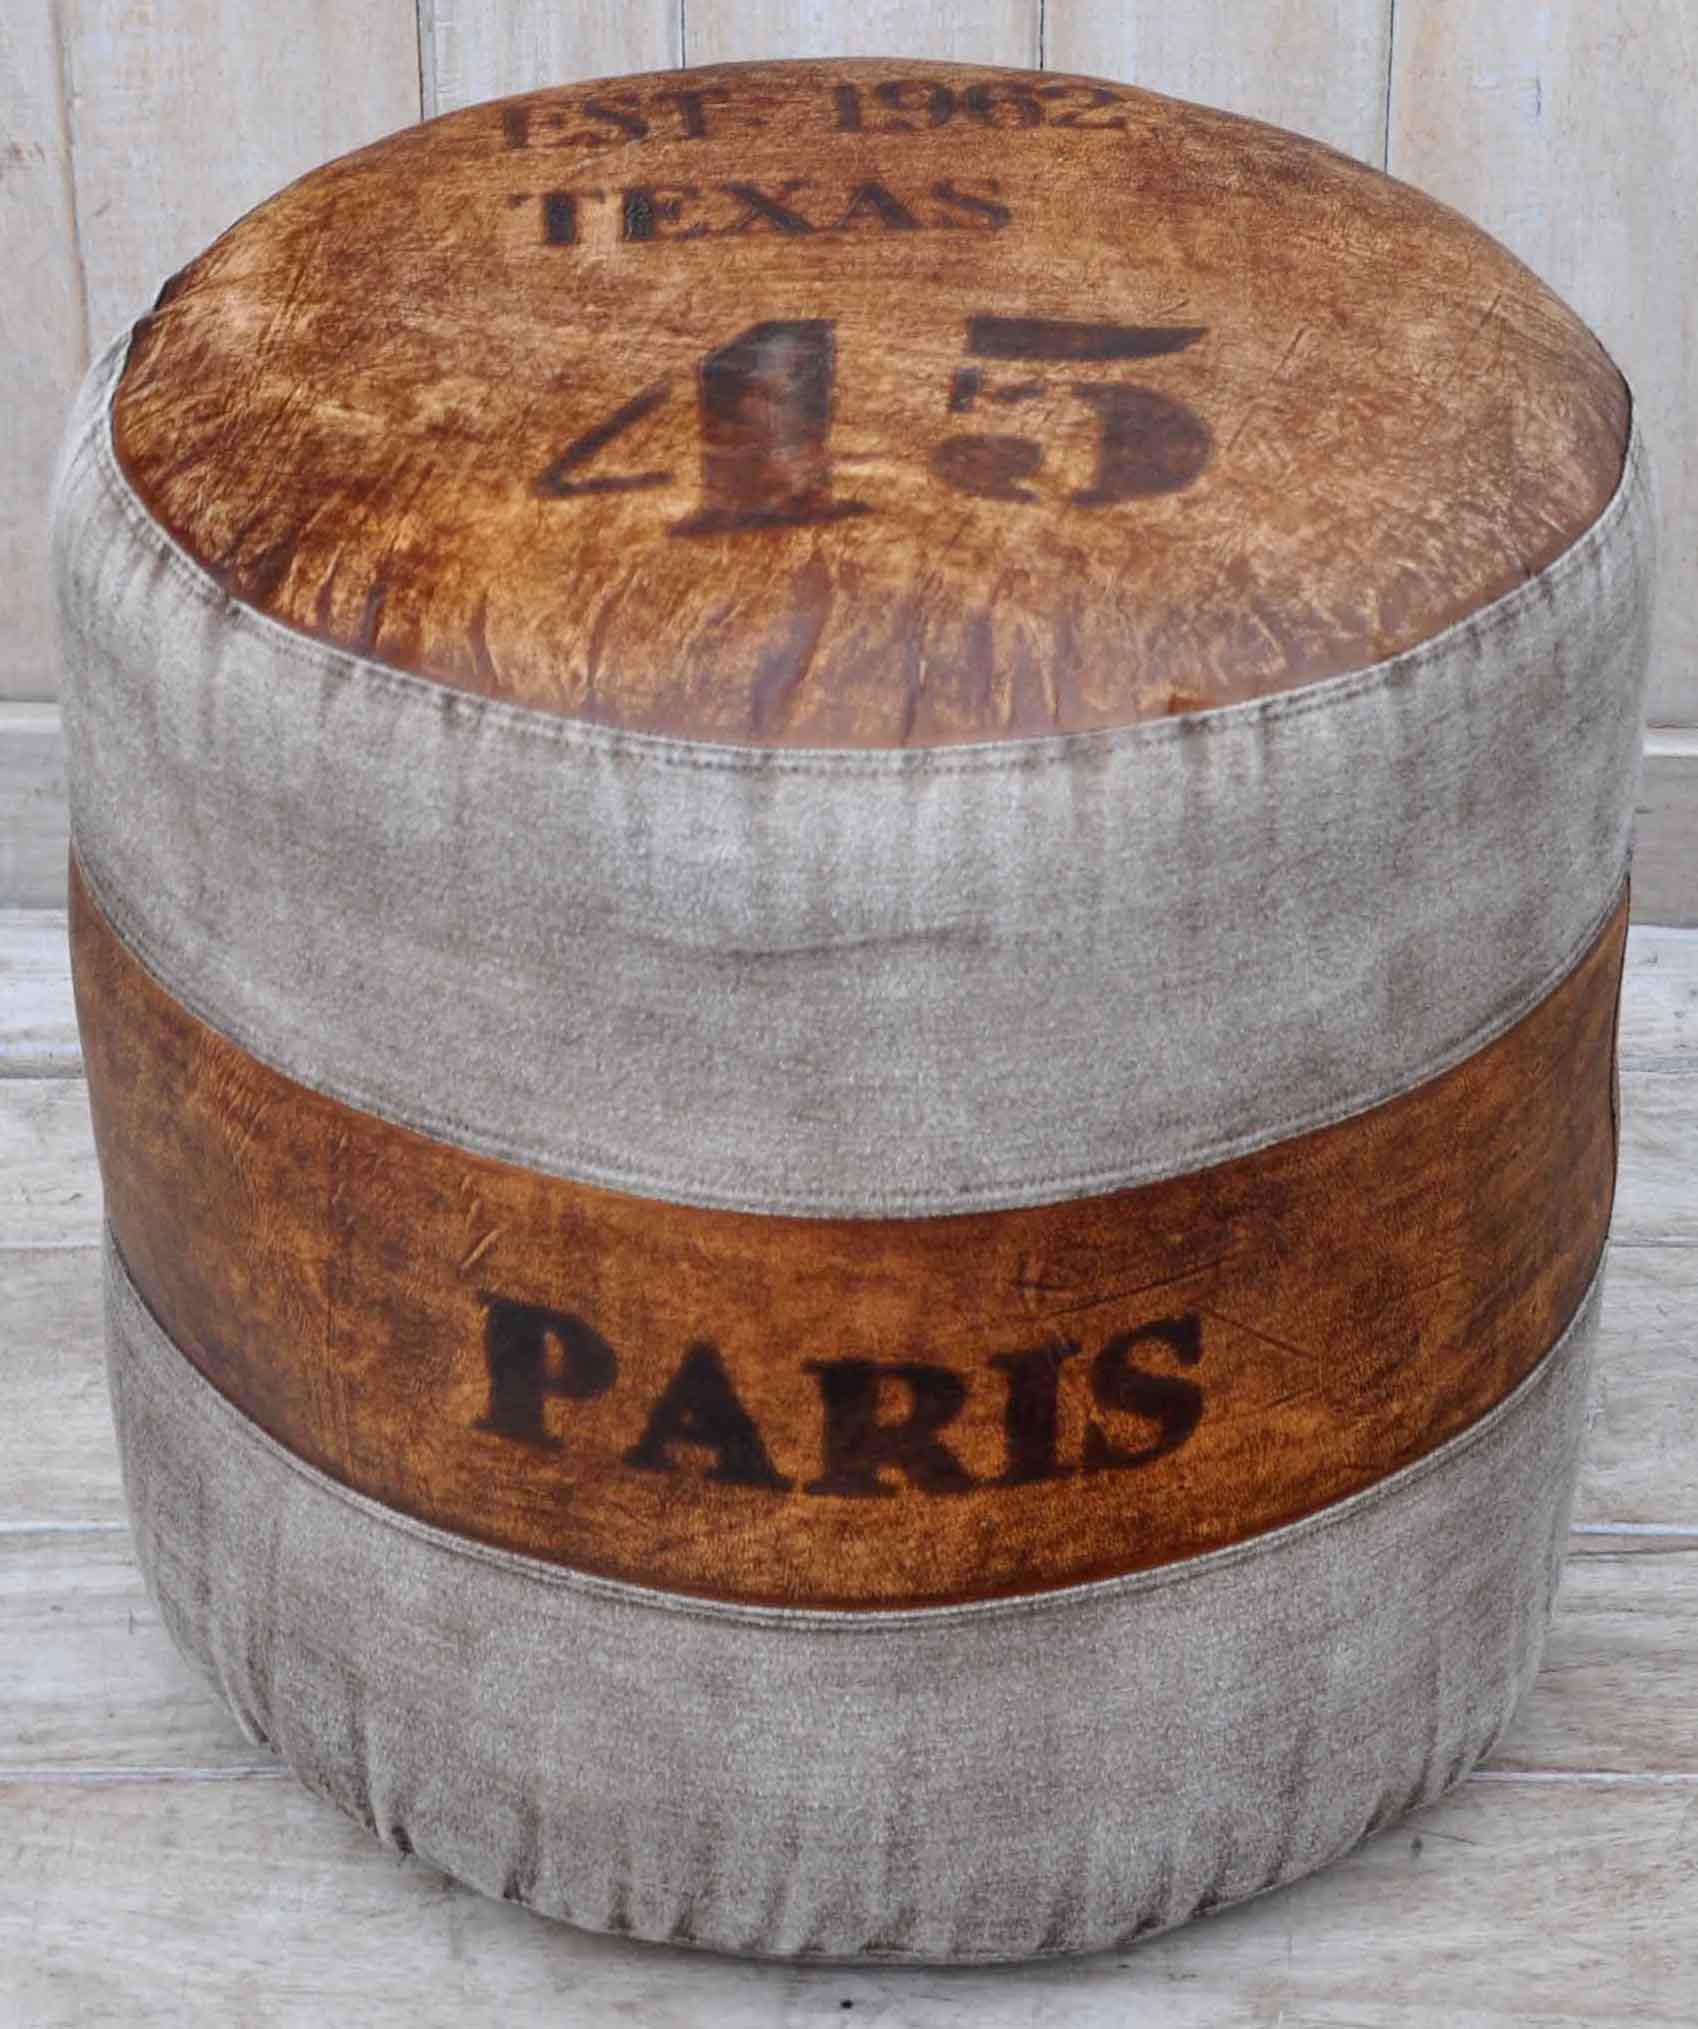 Paris Round Leather Ottoman